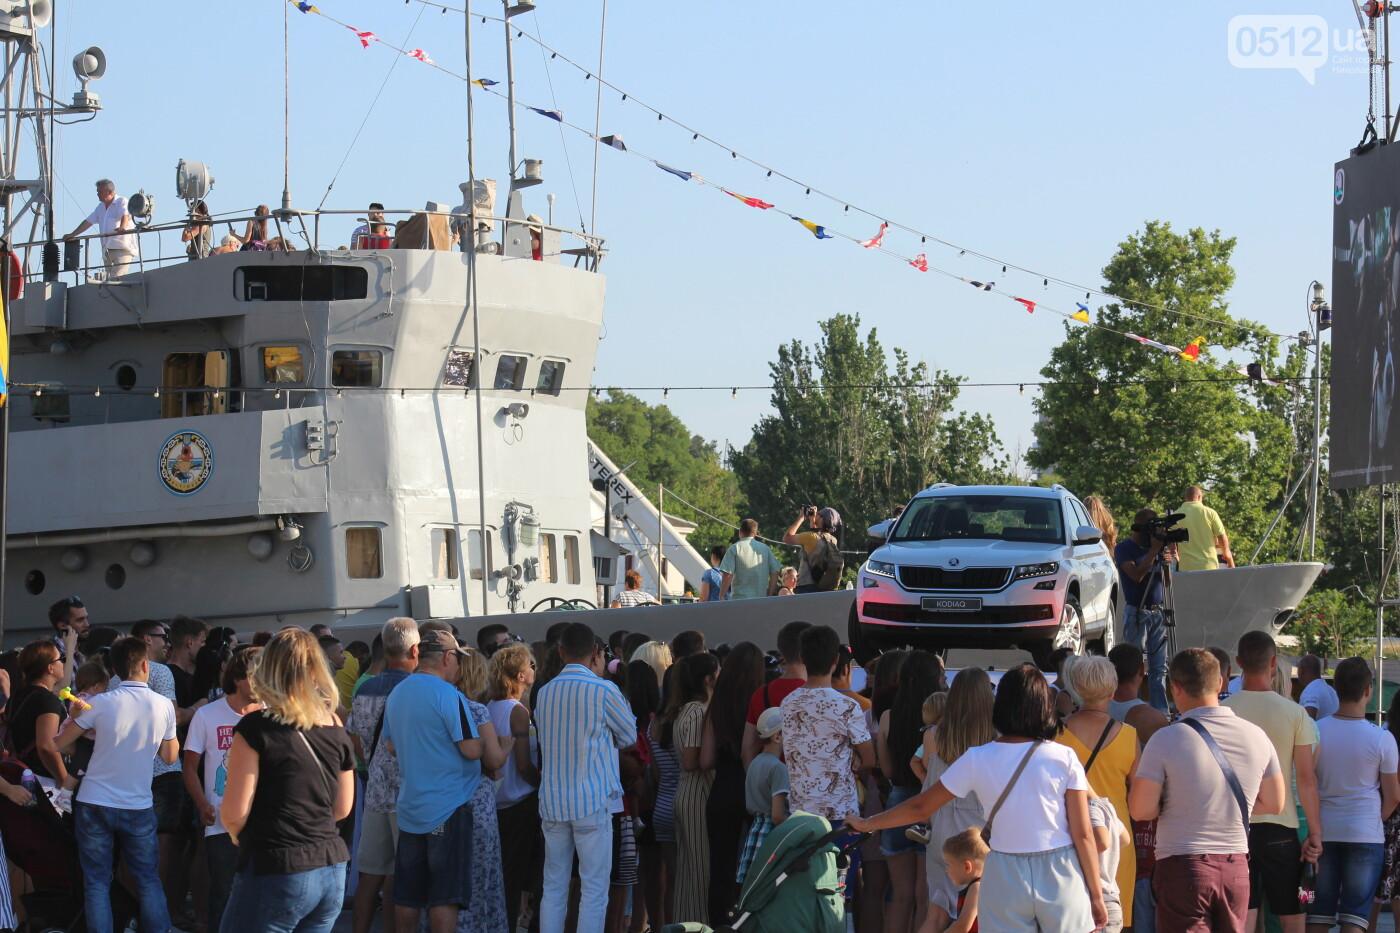 В Николаеве громко отметили день ВМС Украины, - ФОТО, ВИДЕО, фото-24